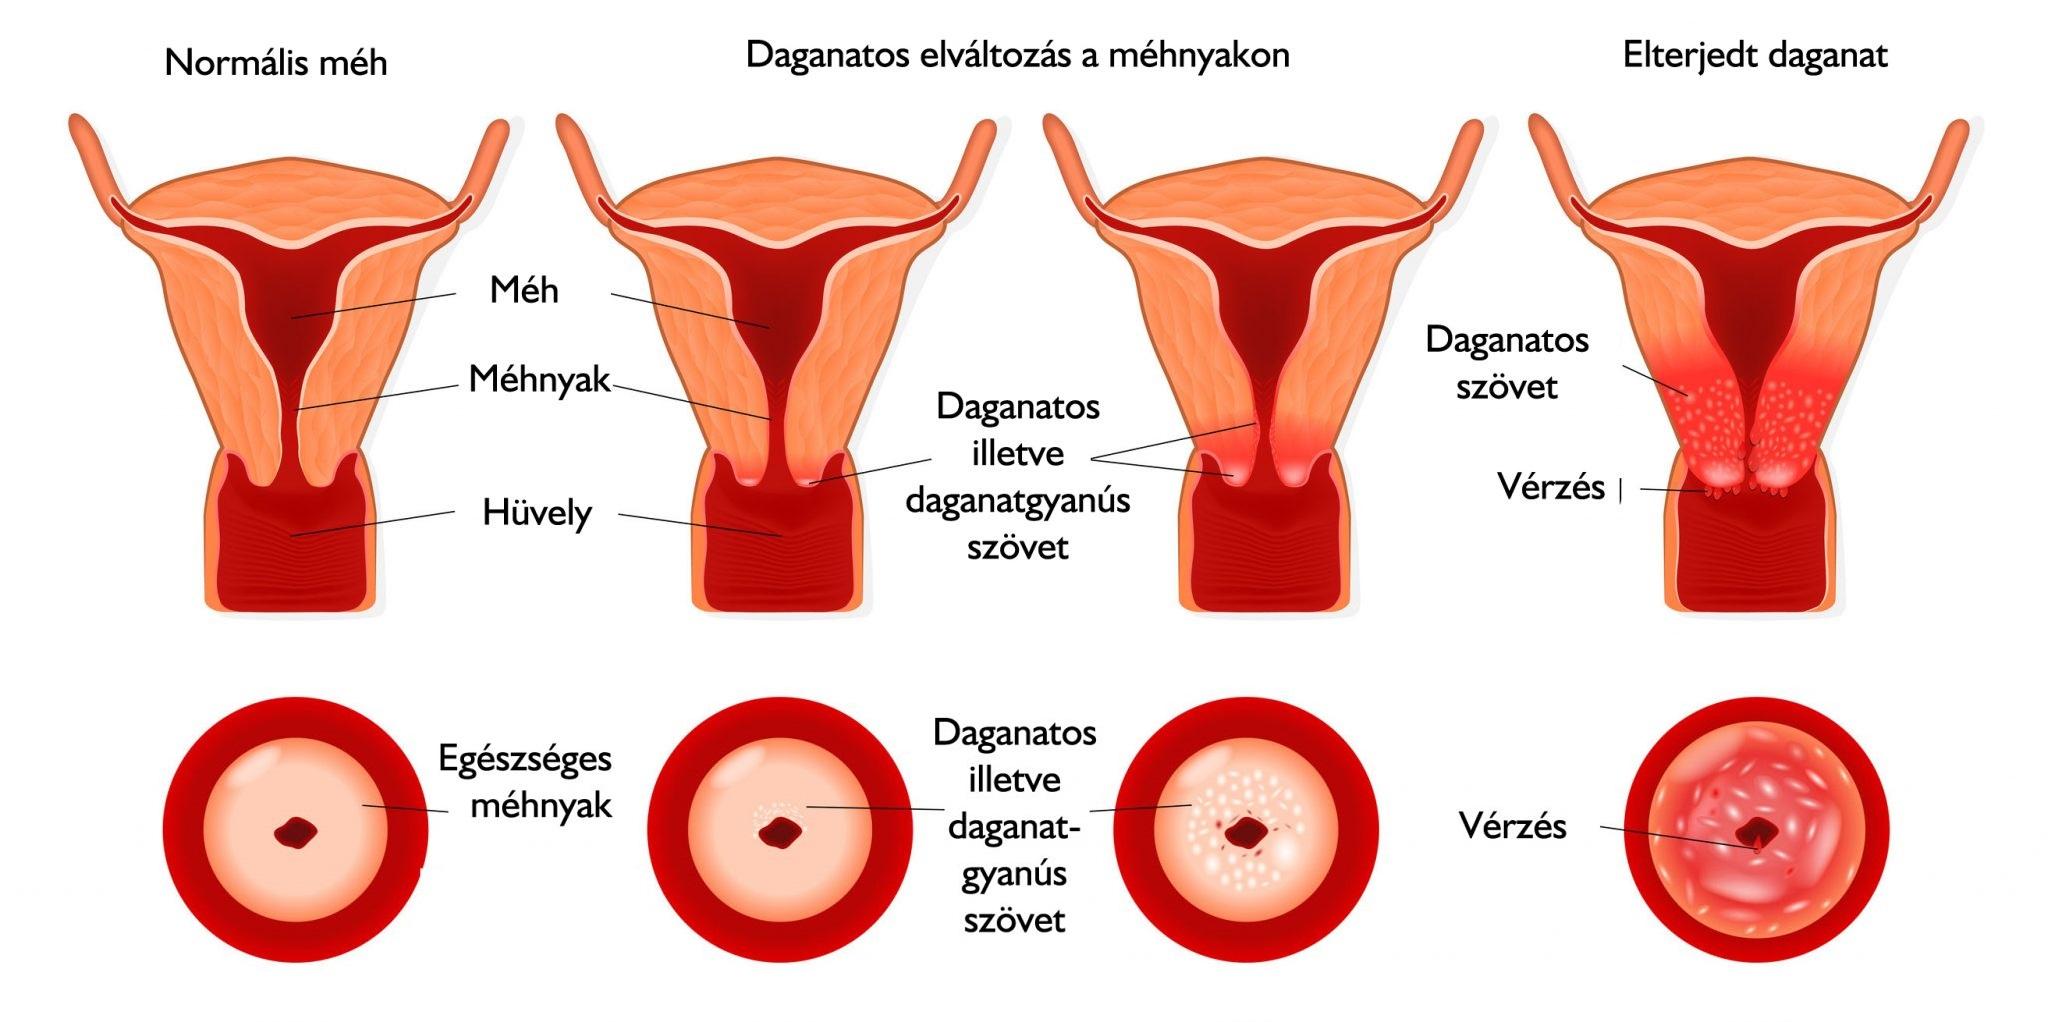 konilláció után papillomavírus)